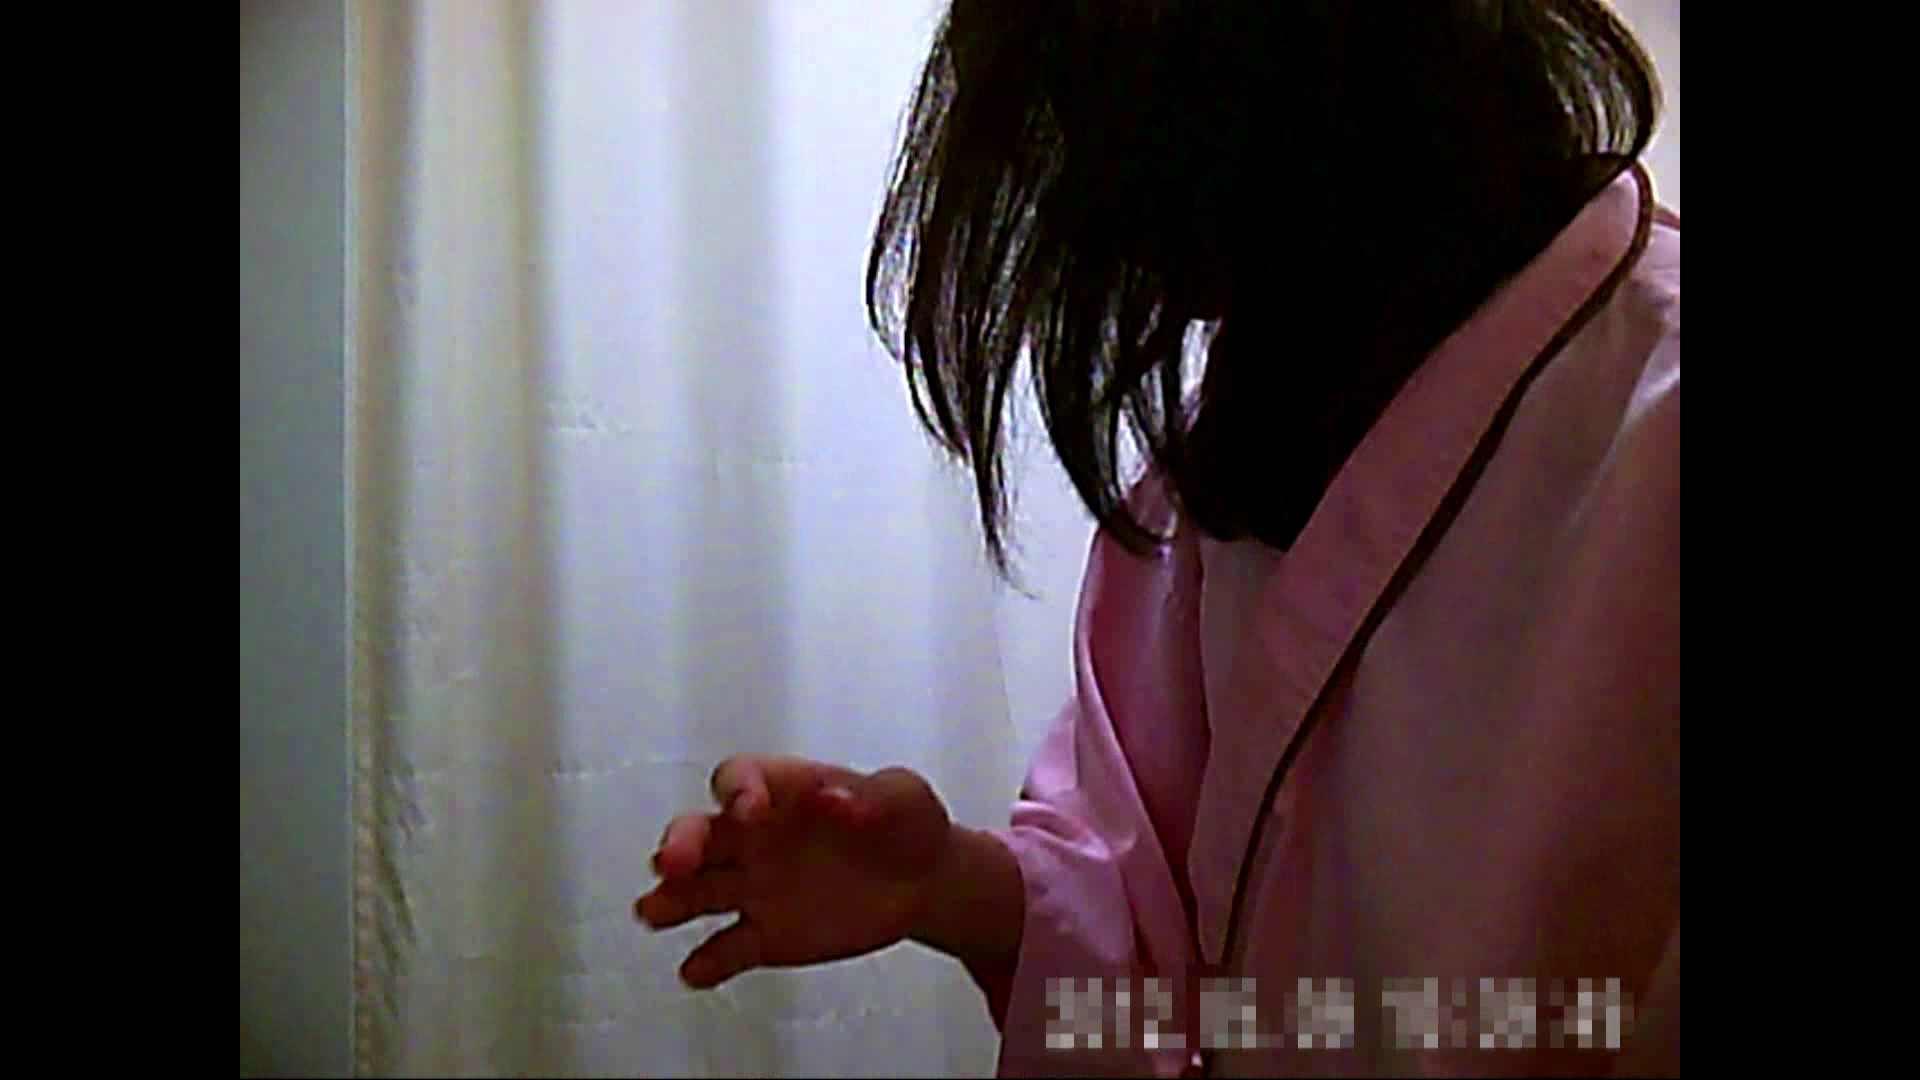 元医者による反抗 更衣室地獄絵巻 vol.267 OLハメ撮り  81Pix 4